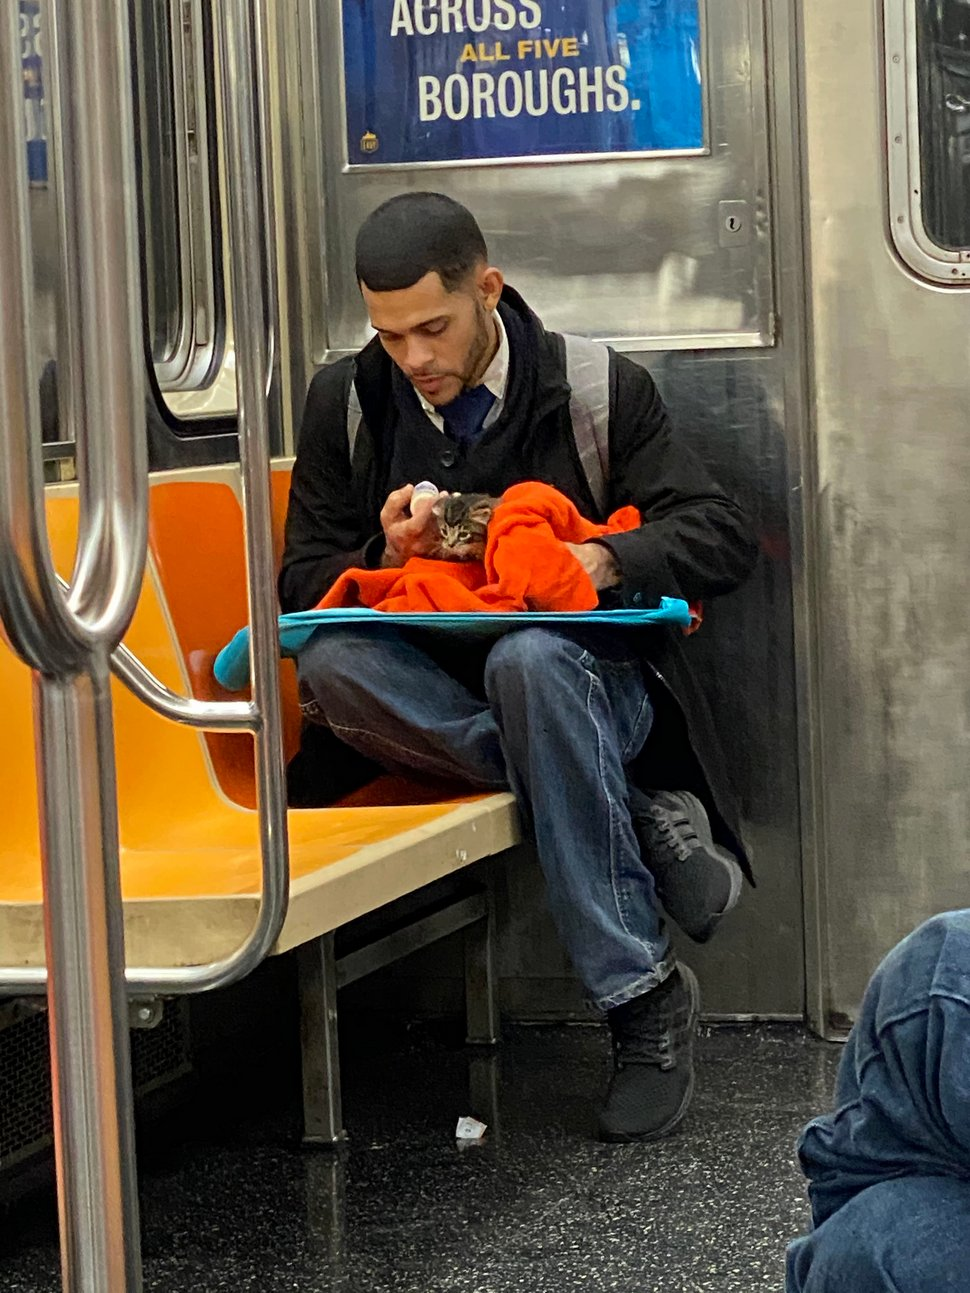 Un homme vu avec un minuscule chaton dans le métro redonne confiance aux gens en l'humanité ! Par Janvier Doyon Homme-avec-chaton-metro-gillian-rogers-005